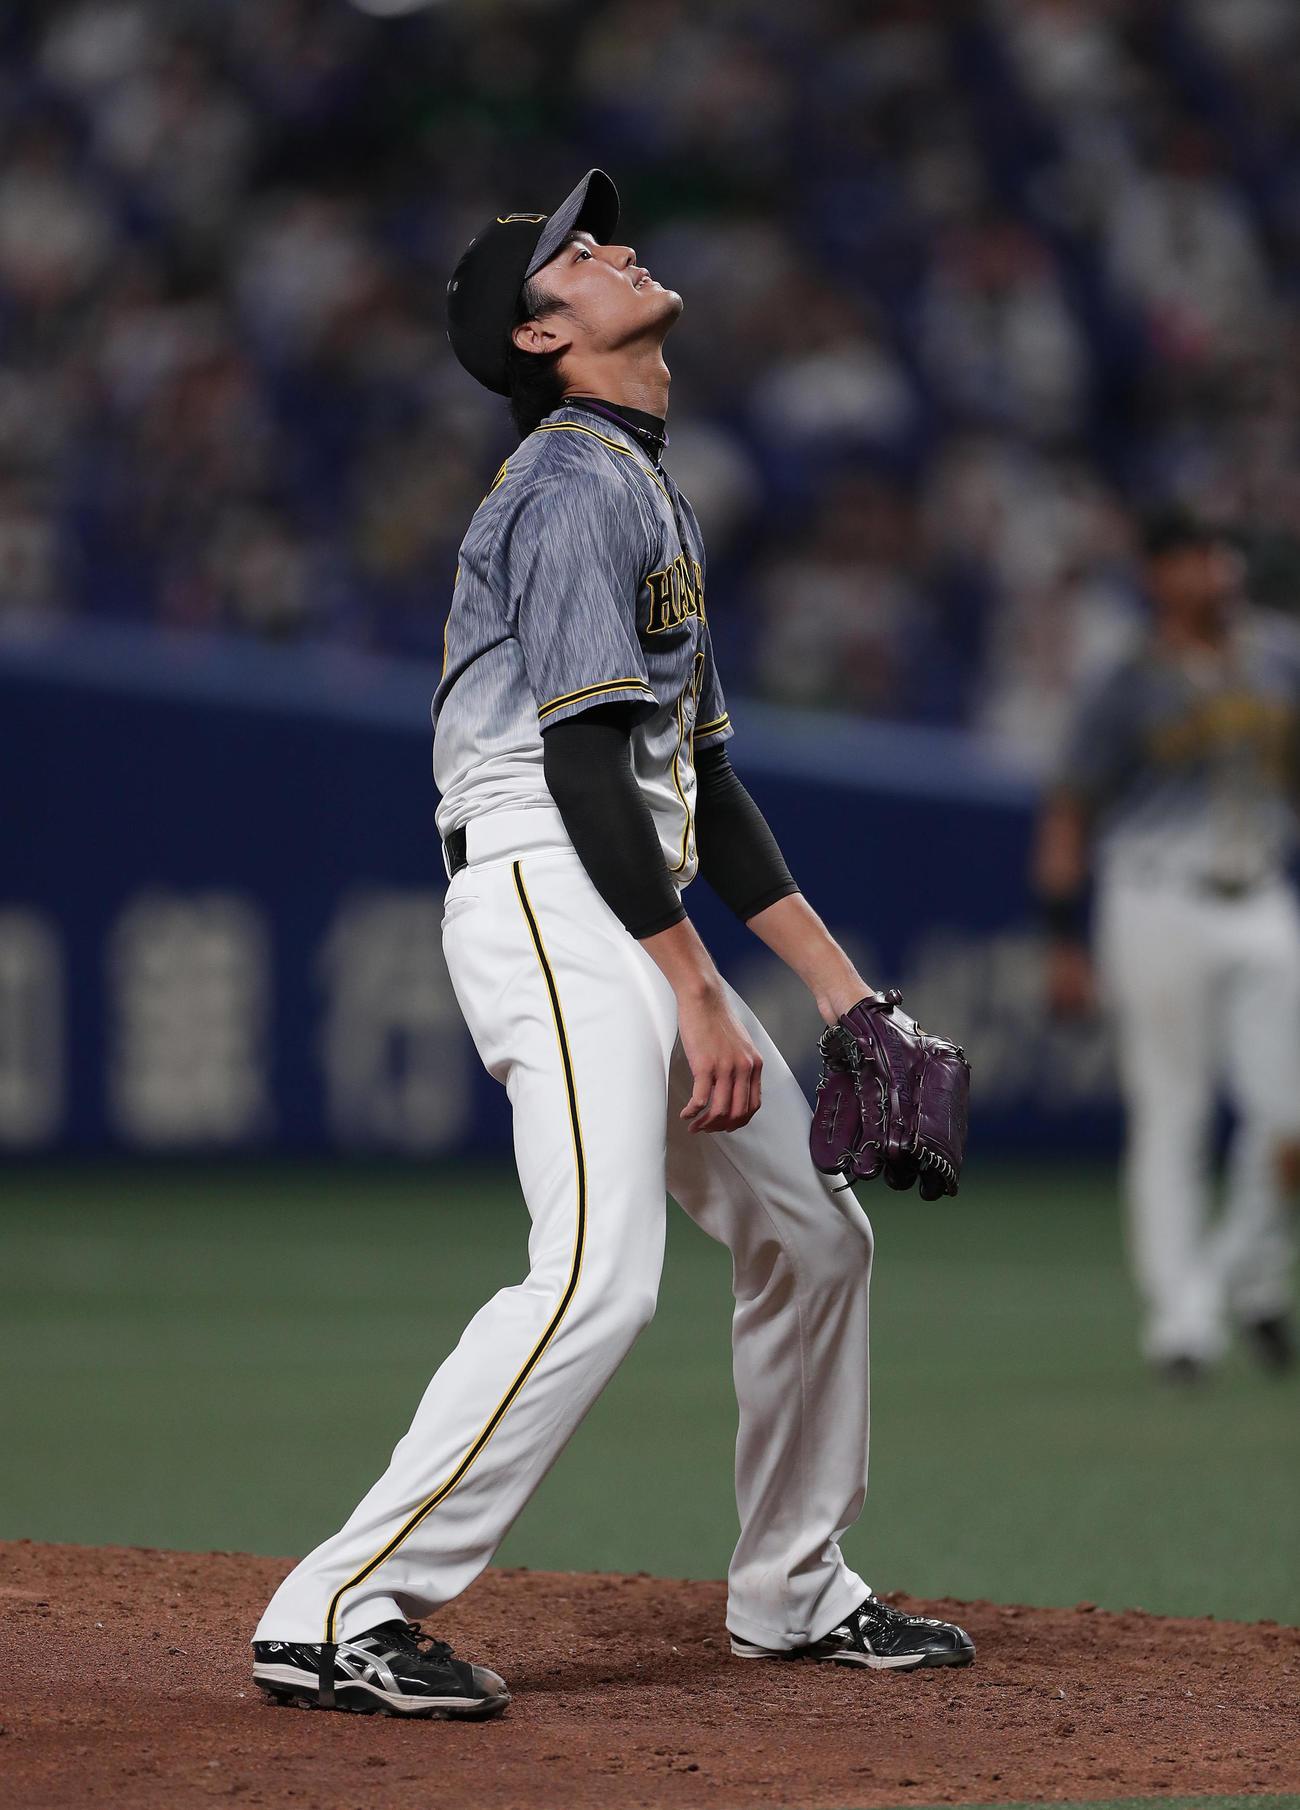 中日対阪神 7回裏中日2死満塁、ビシエドに押し出し四球を与え、天を仰ぐ藤浪(撮影・前田充)